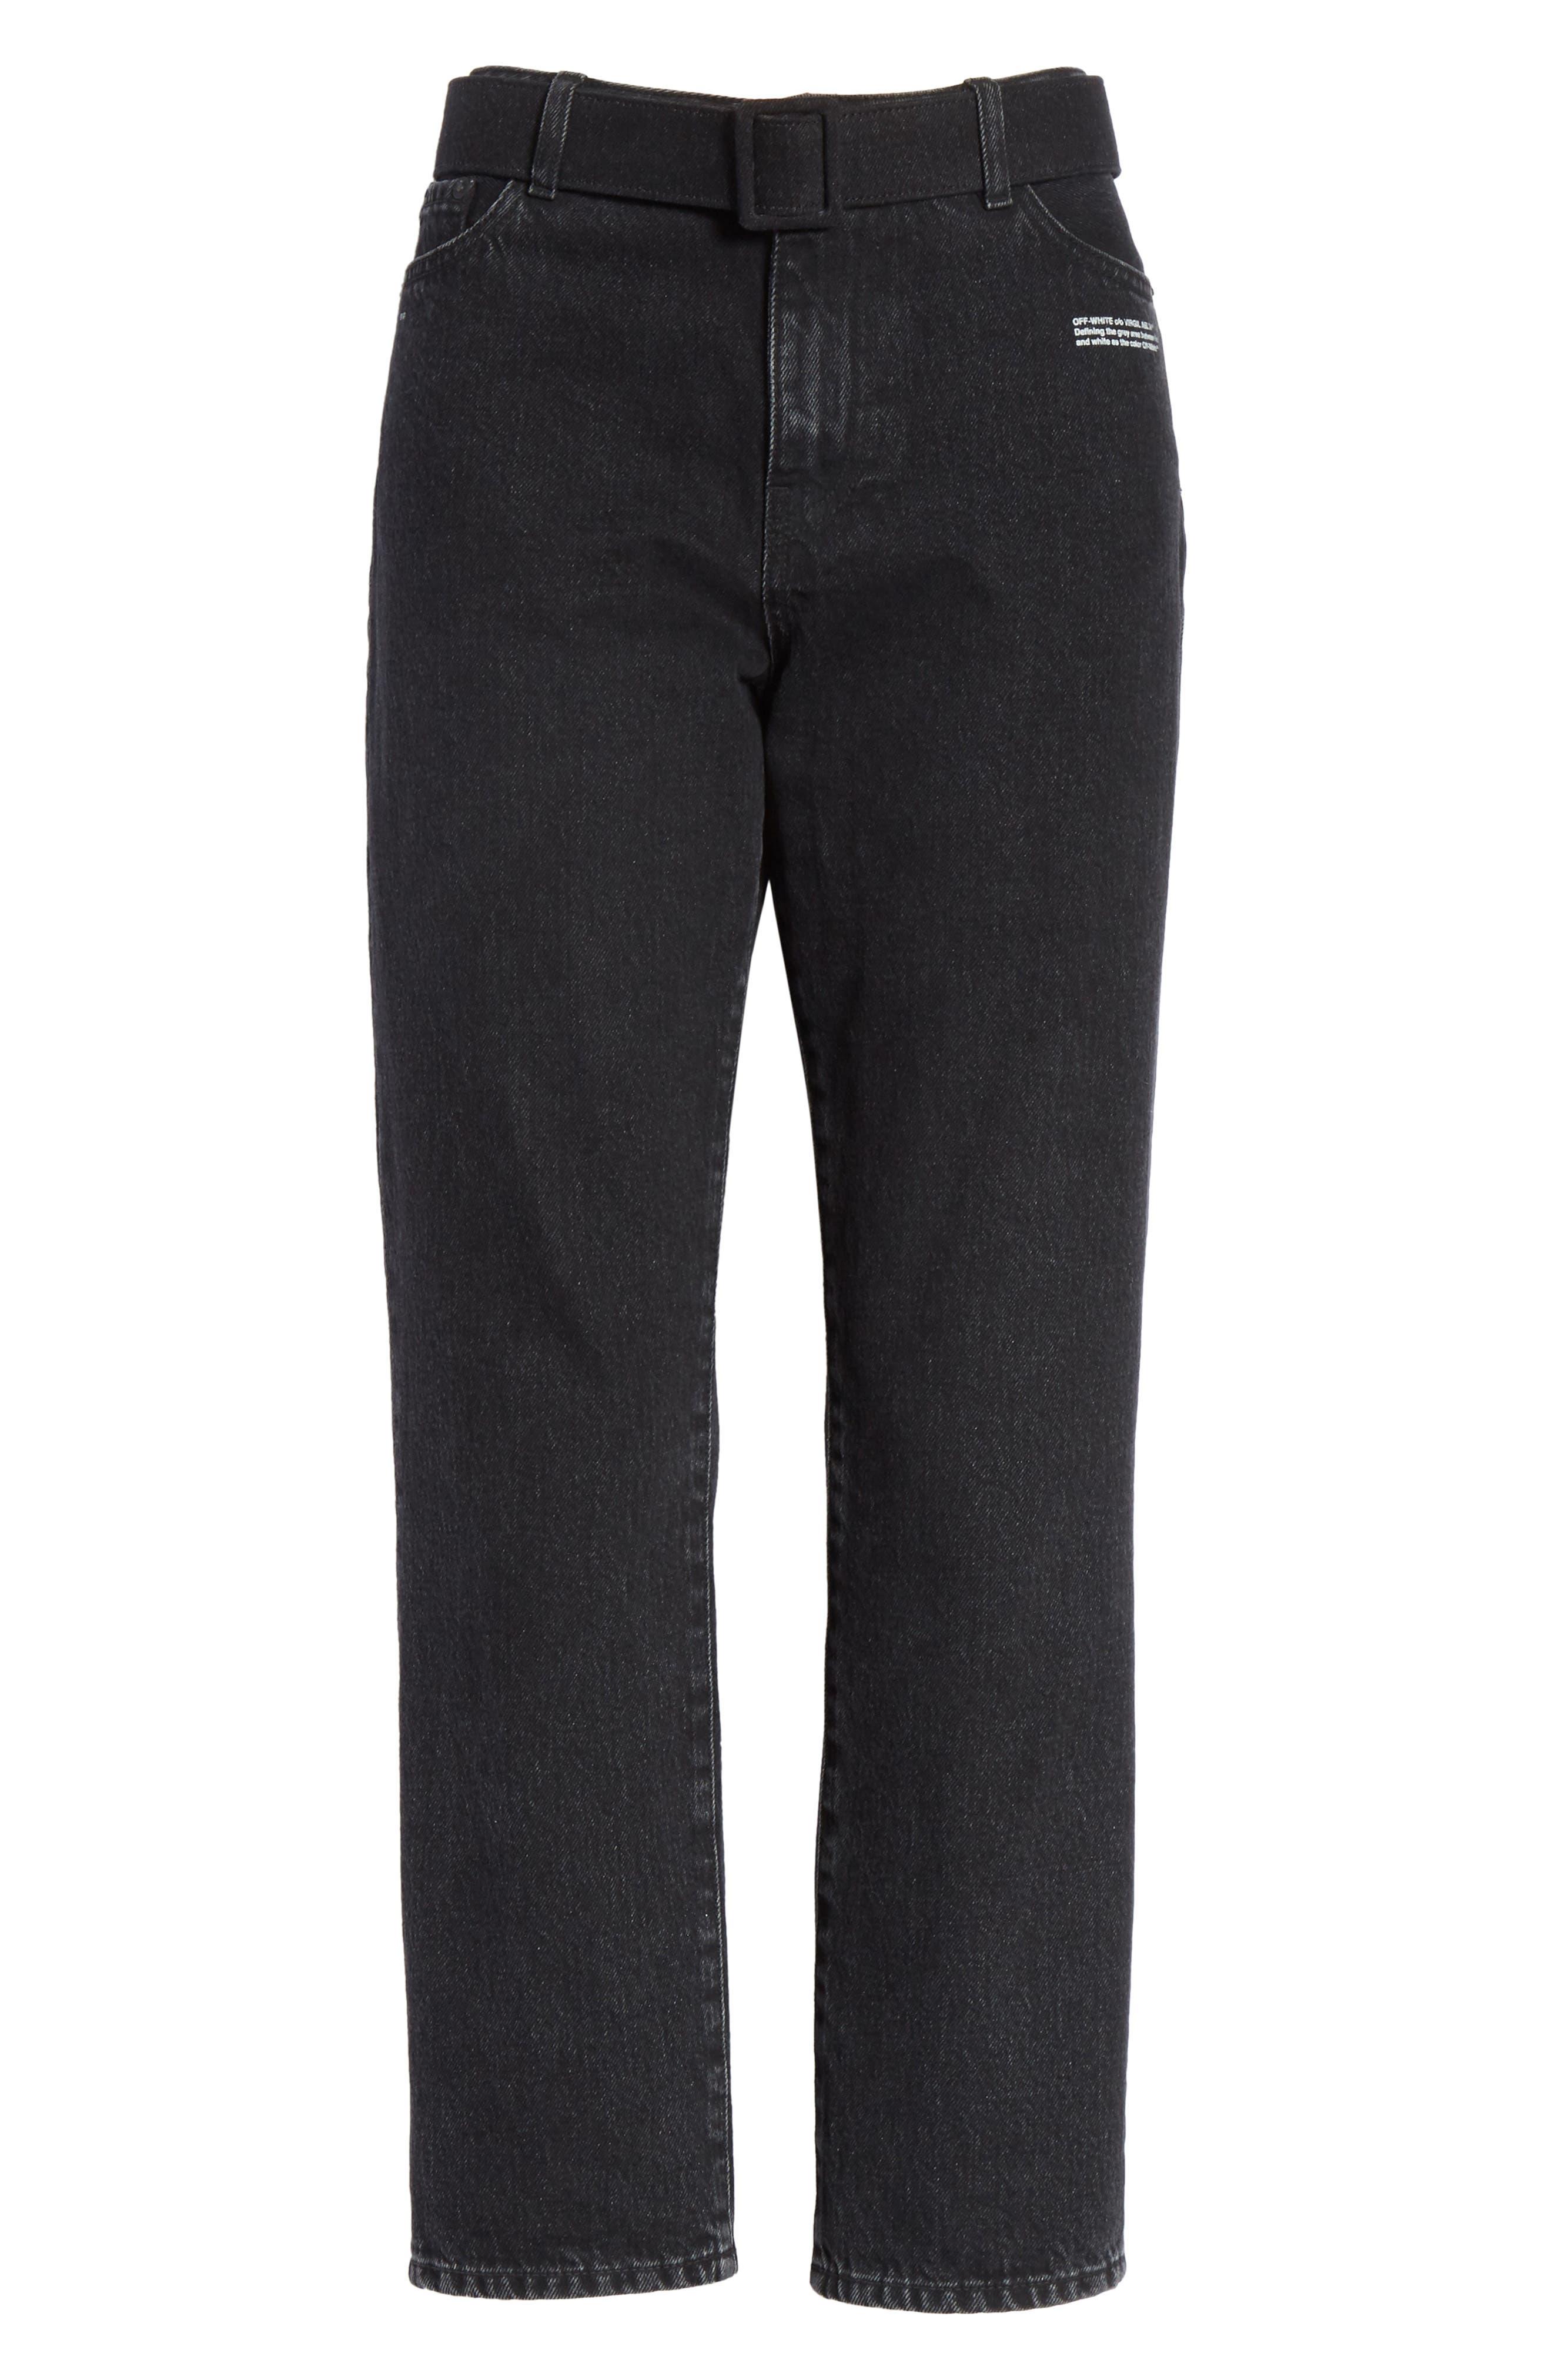 Belted Jeans,                             Alternate thumbnail 6, color,                             Black Vintage Bla